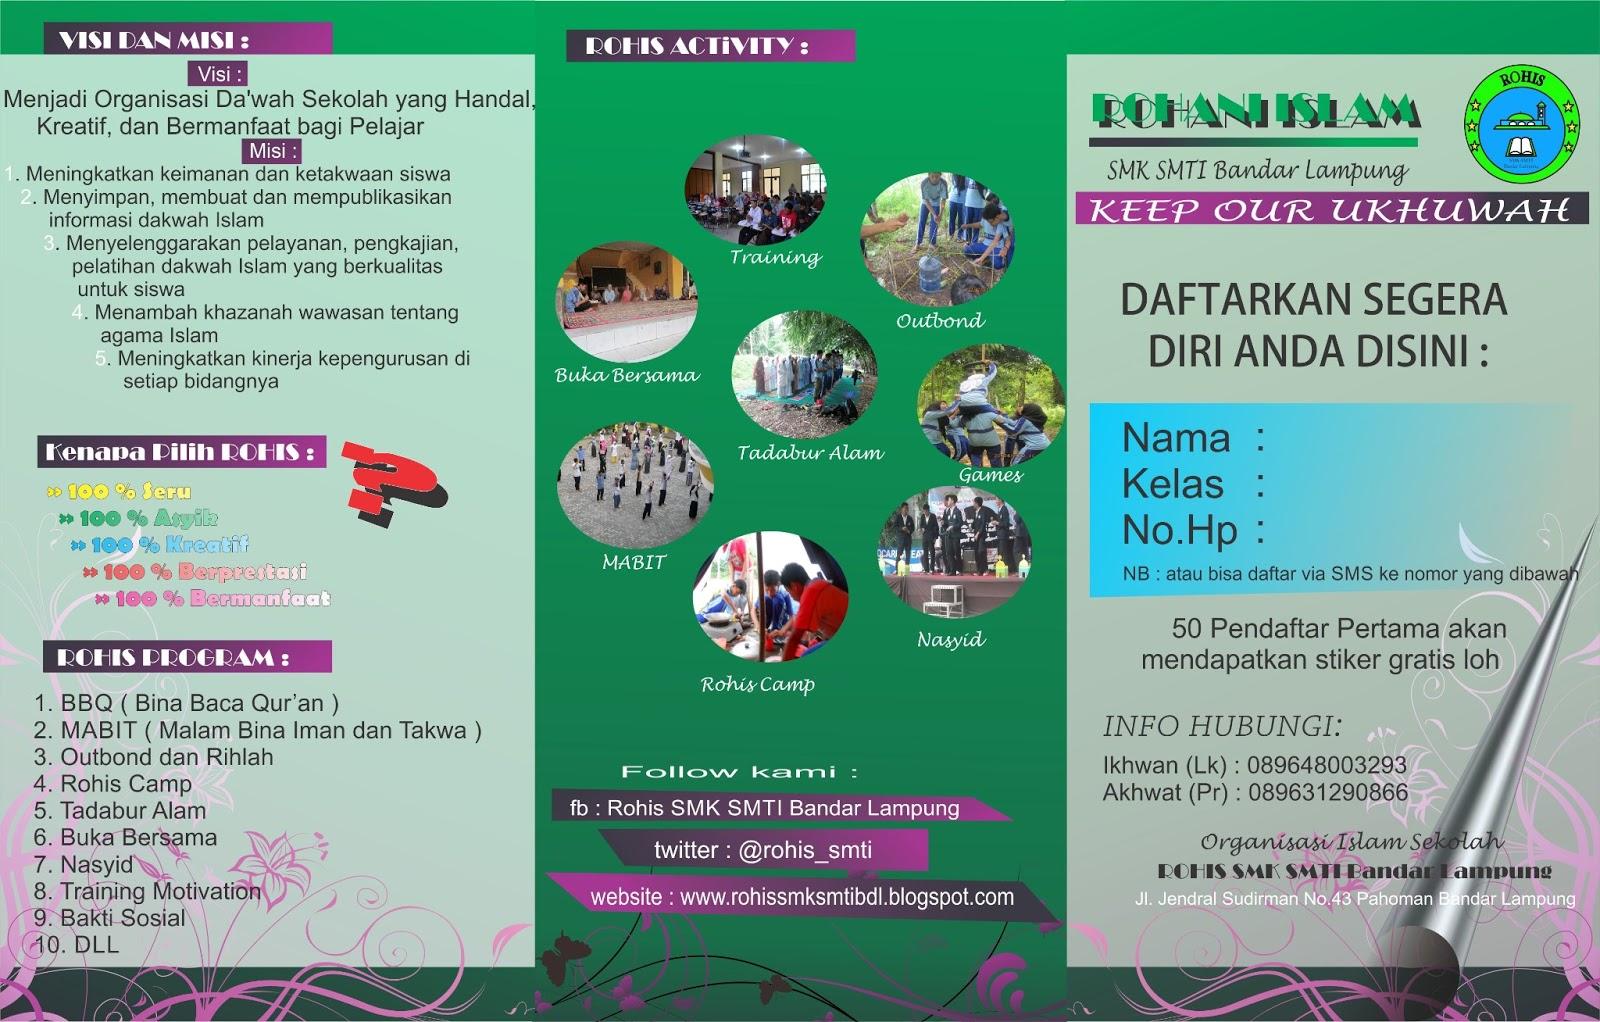 Desain Brosur Anggota Baru Rohis 2013 Rohis Smti Bandar Lampung